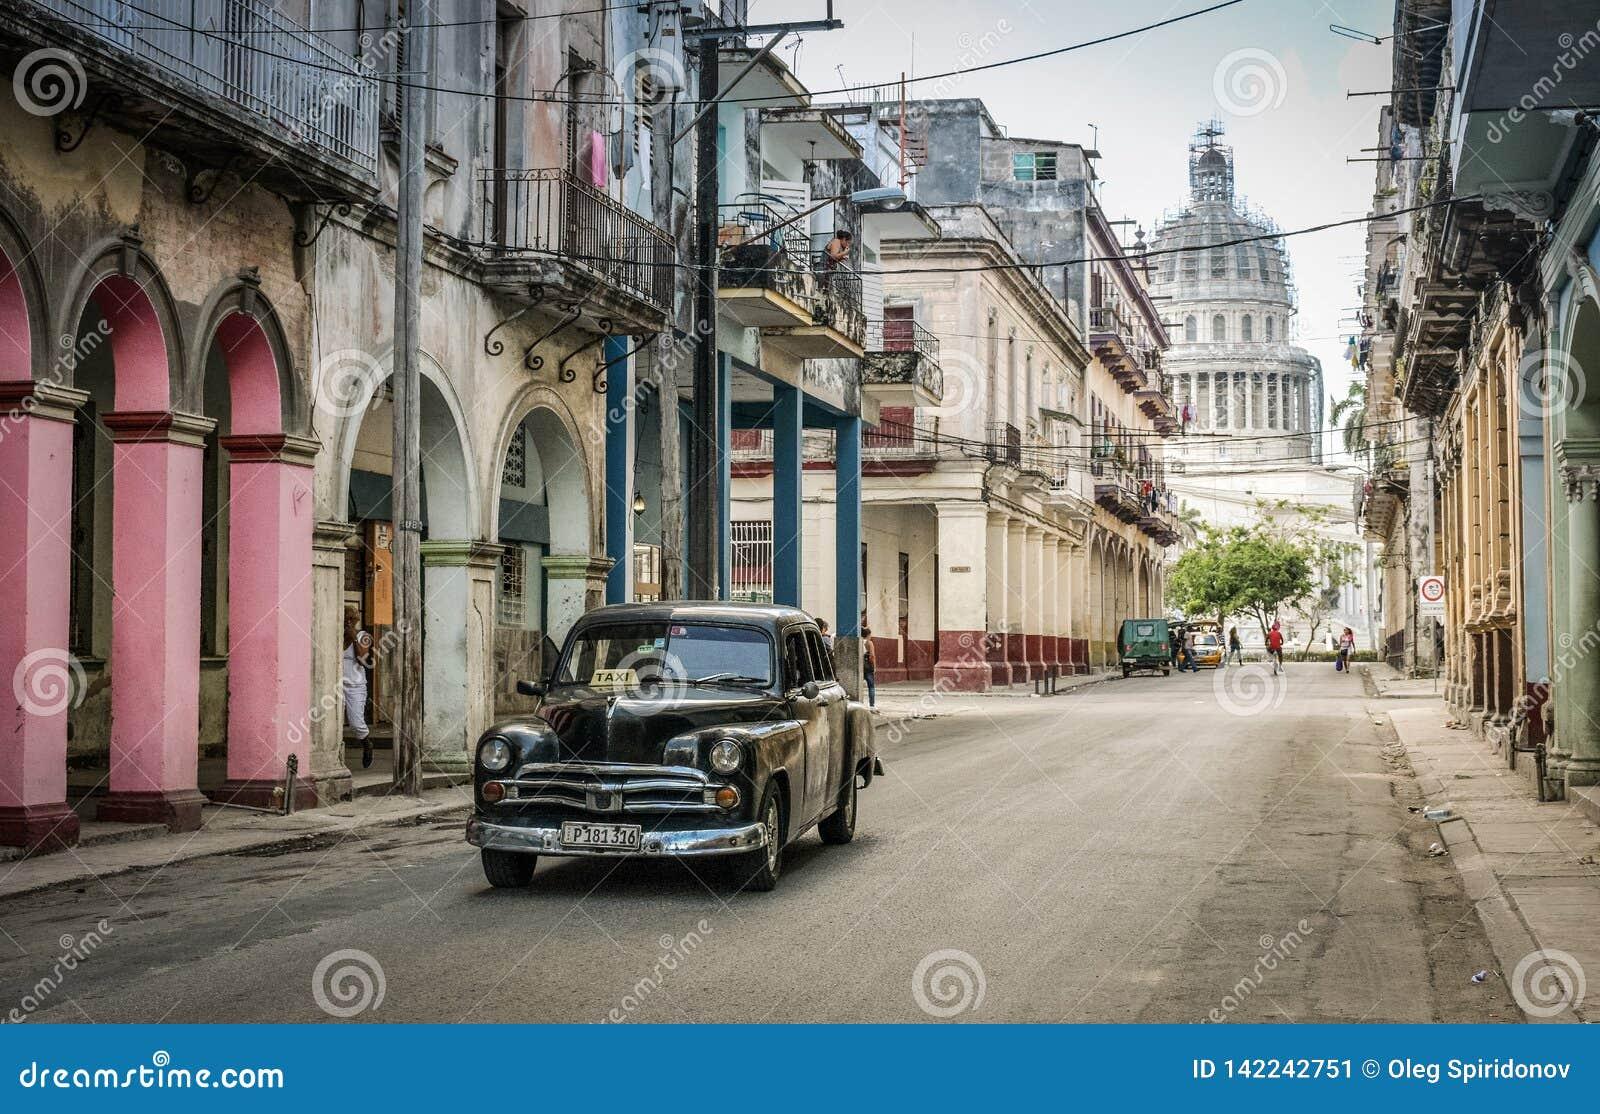 Le capitol, une rue à La Havane centrale